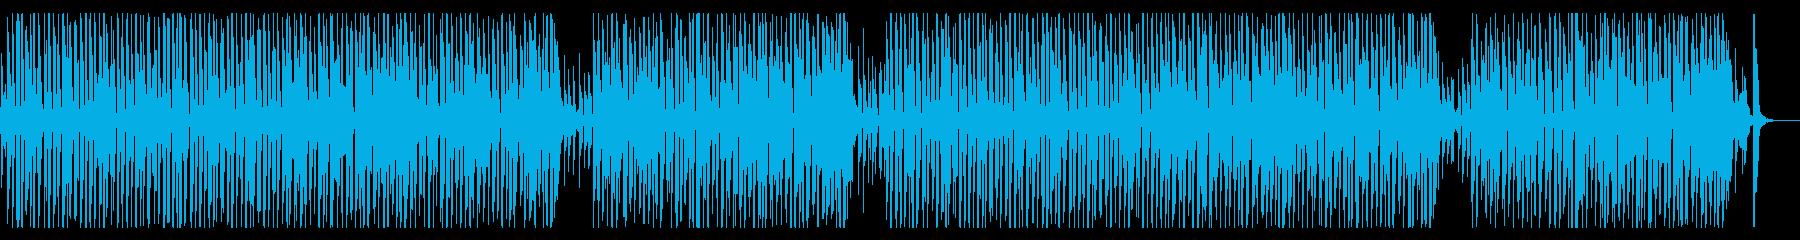 ギターとクラリネットによるフレンチBGMの再生済みの波形